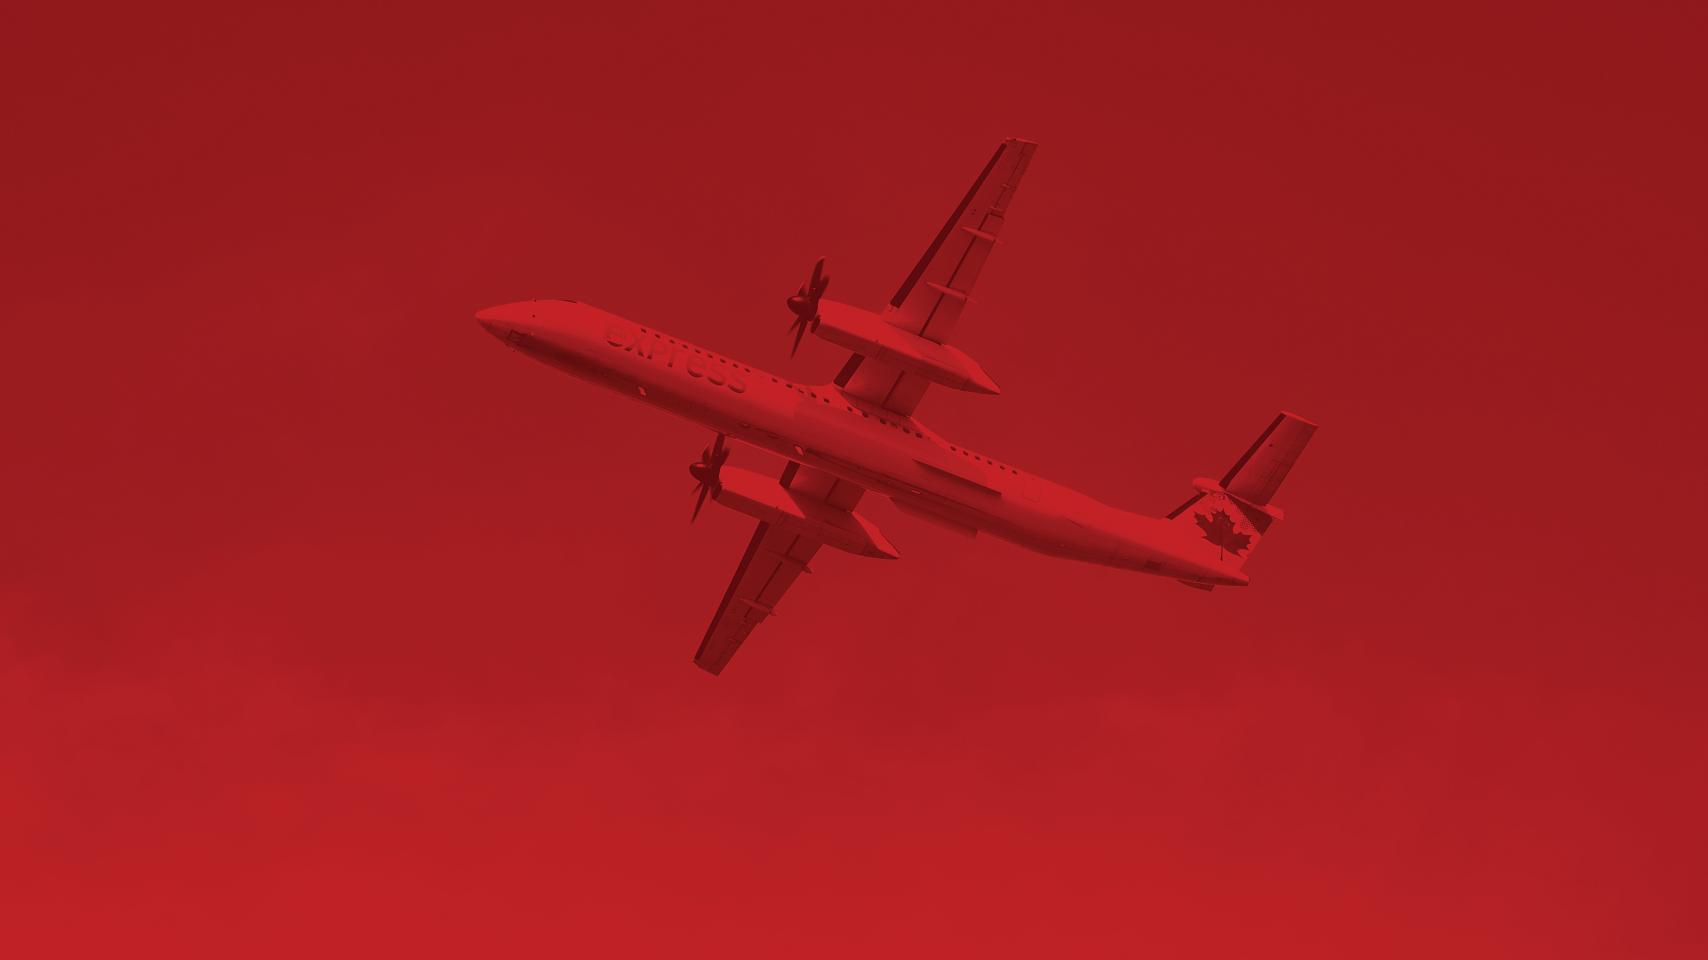 Aérospatiale image